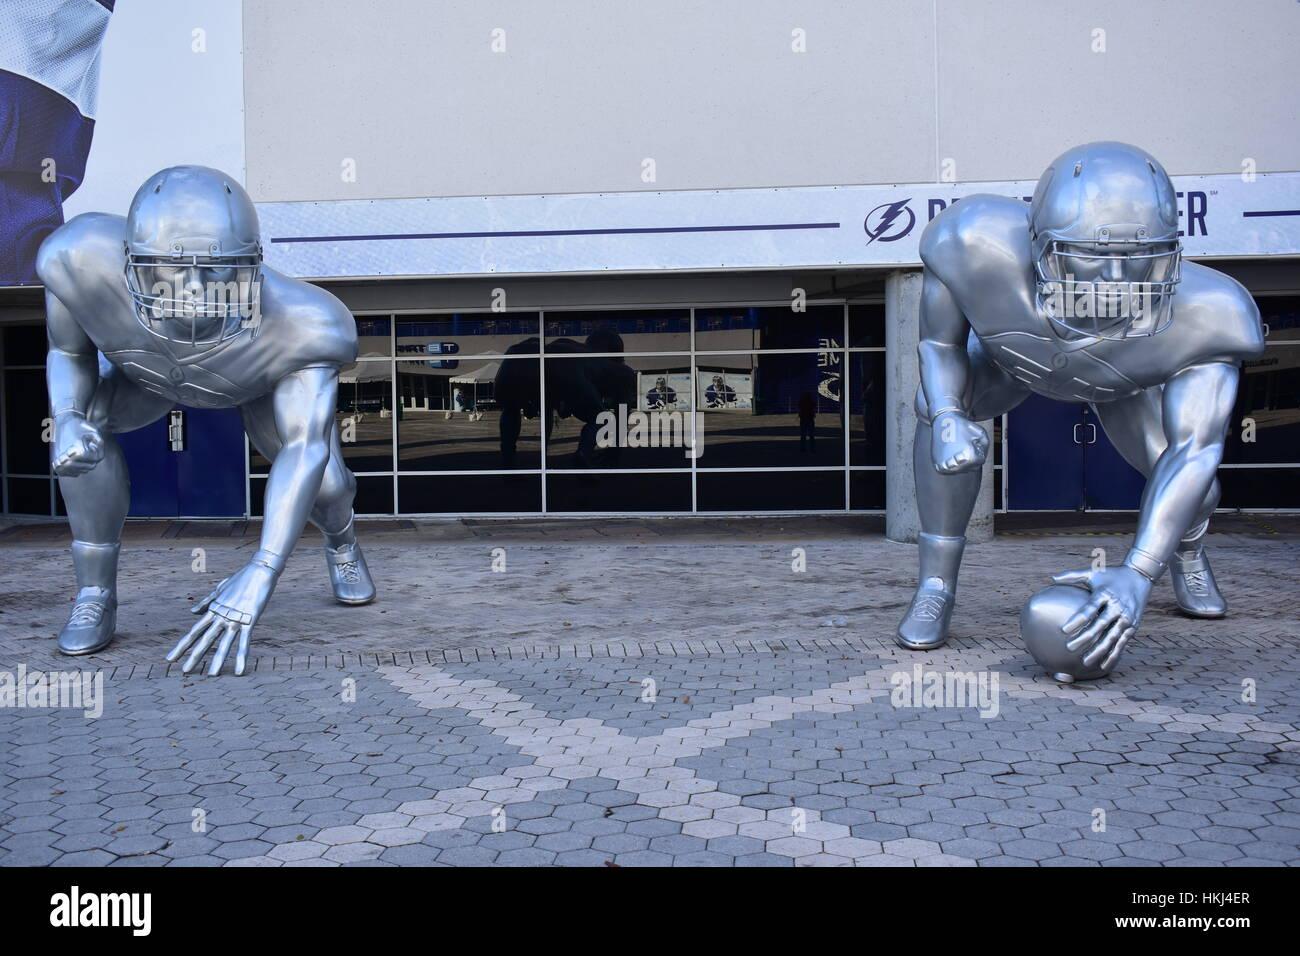 Tampa, Florida - USA - January 07, 2017: College Football Playoff sculptures - Stock Image